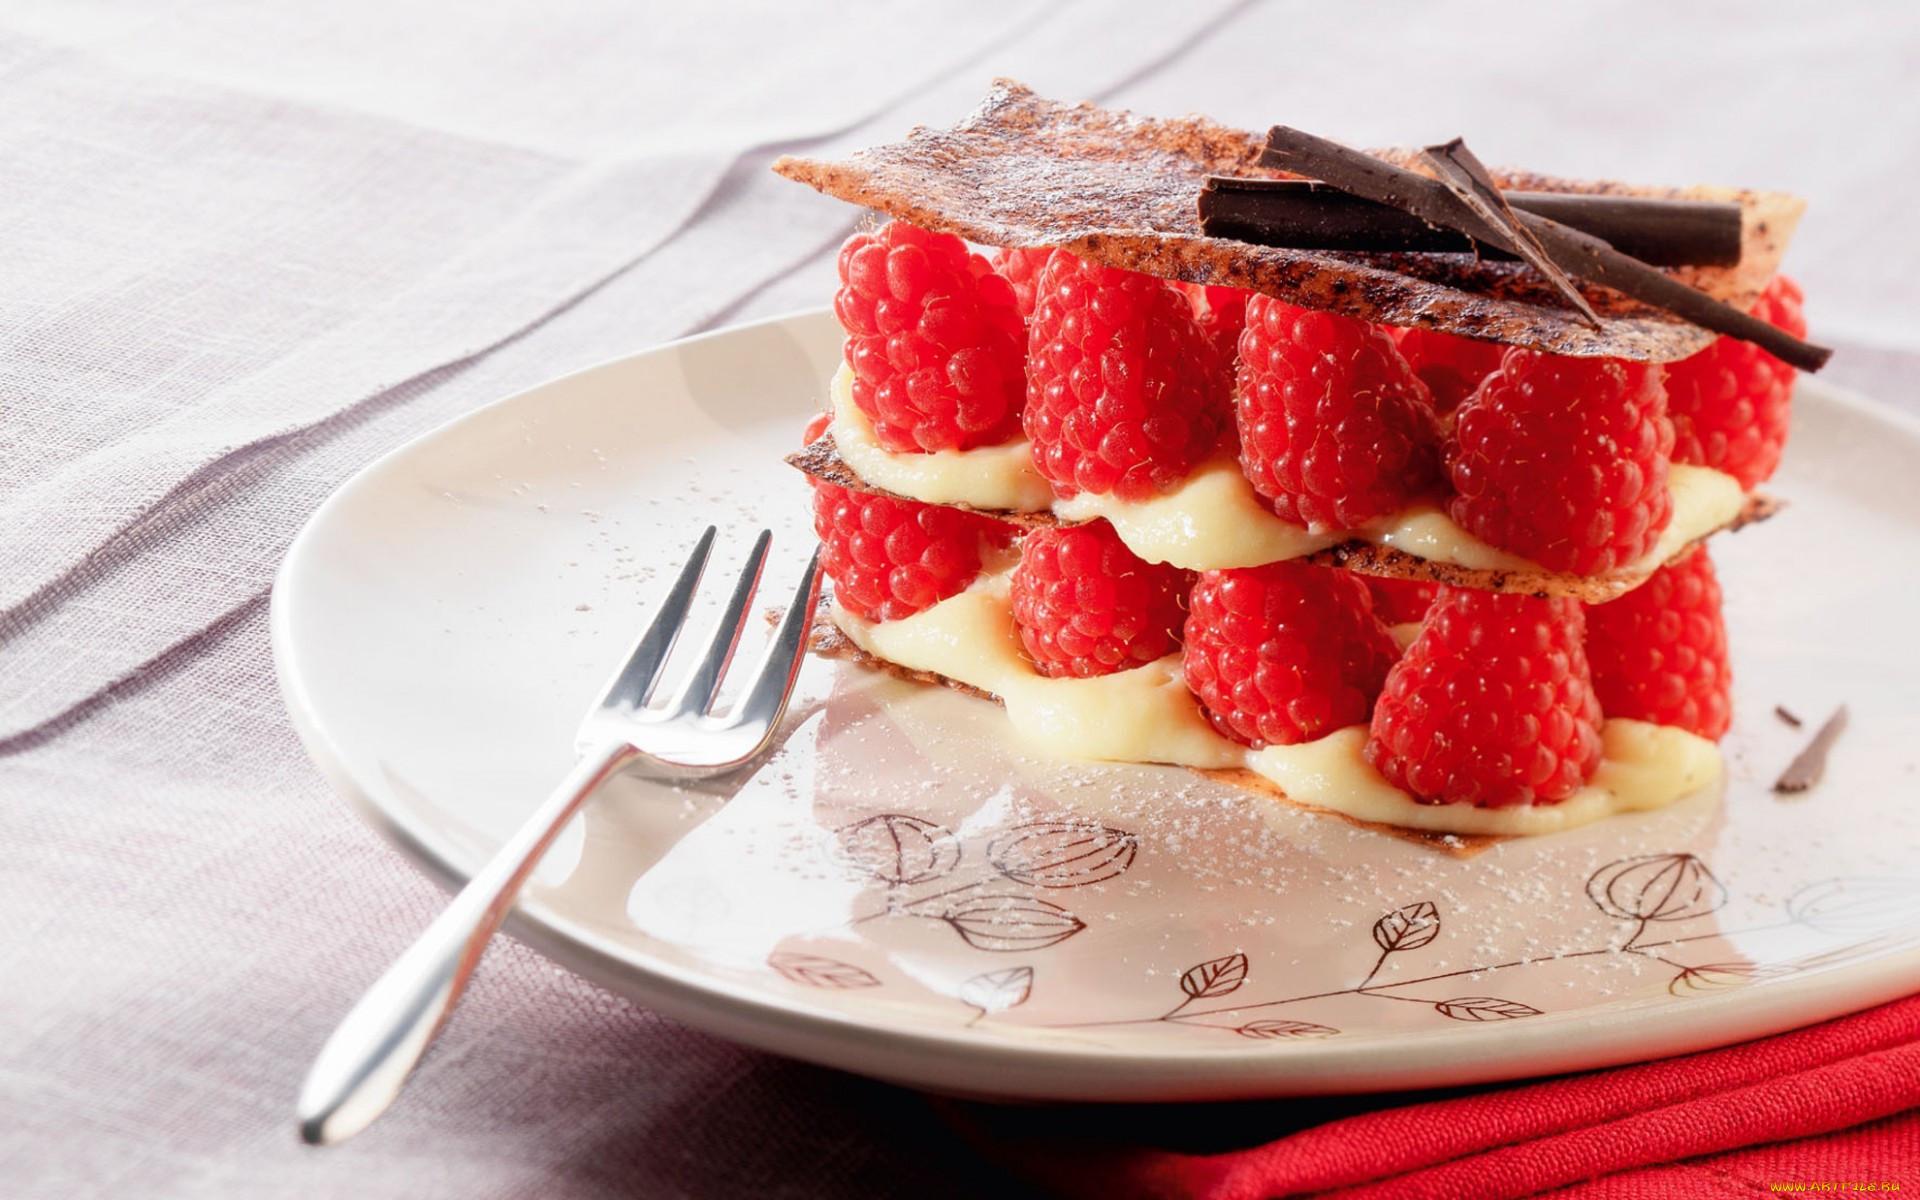 магазине красивые картинки еды и фруктов десертов красочные, привлекательные